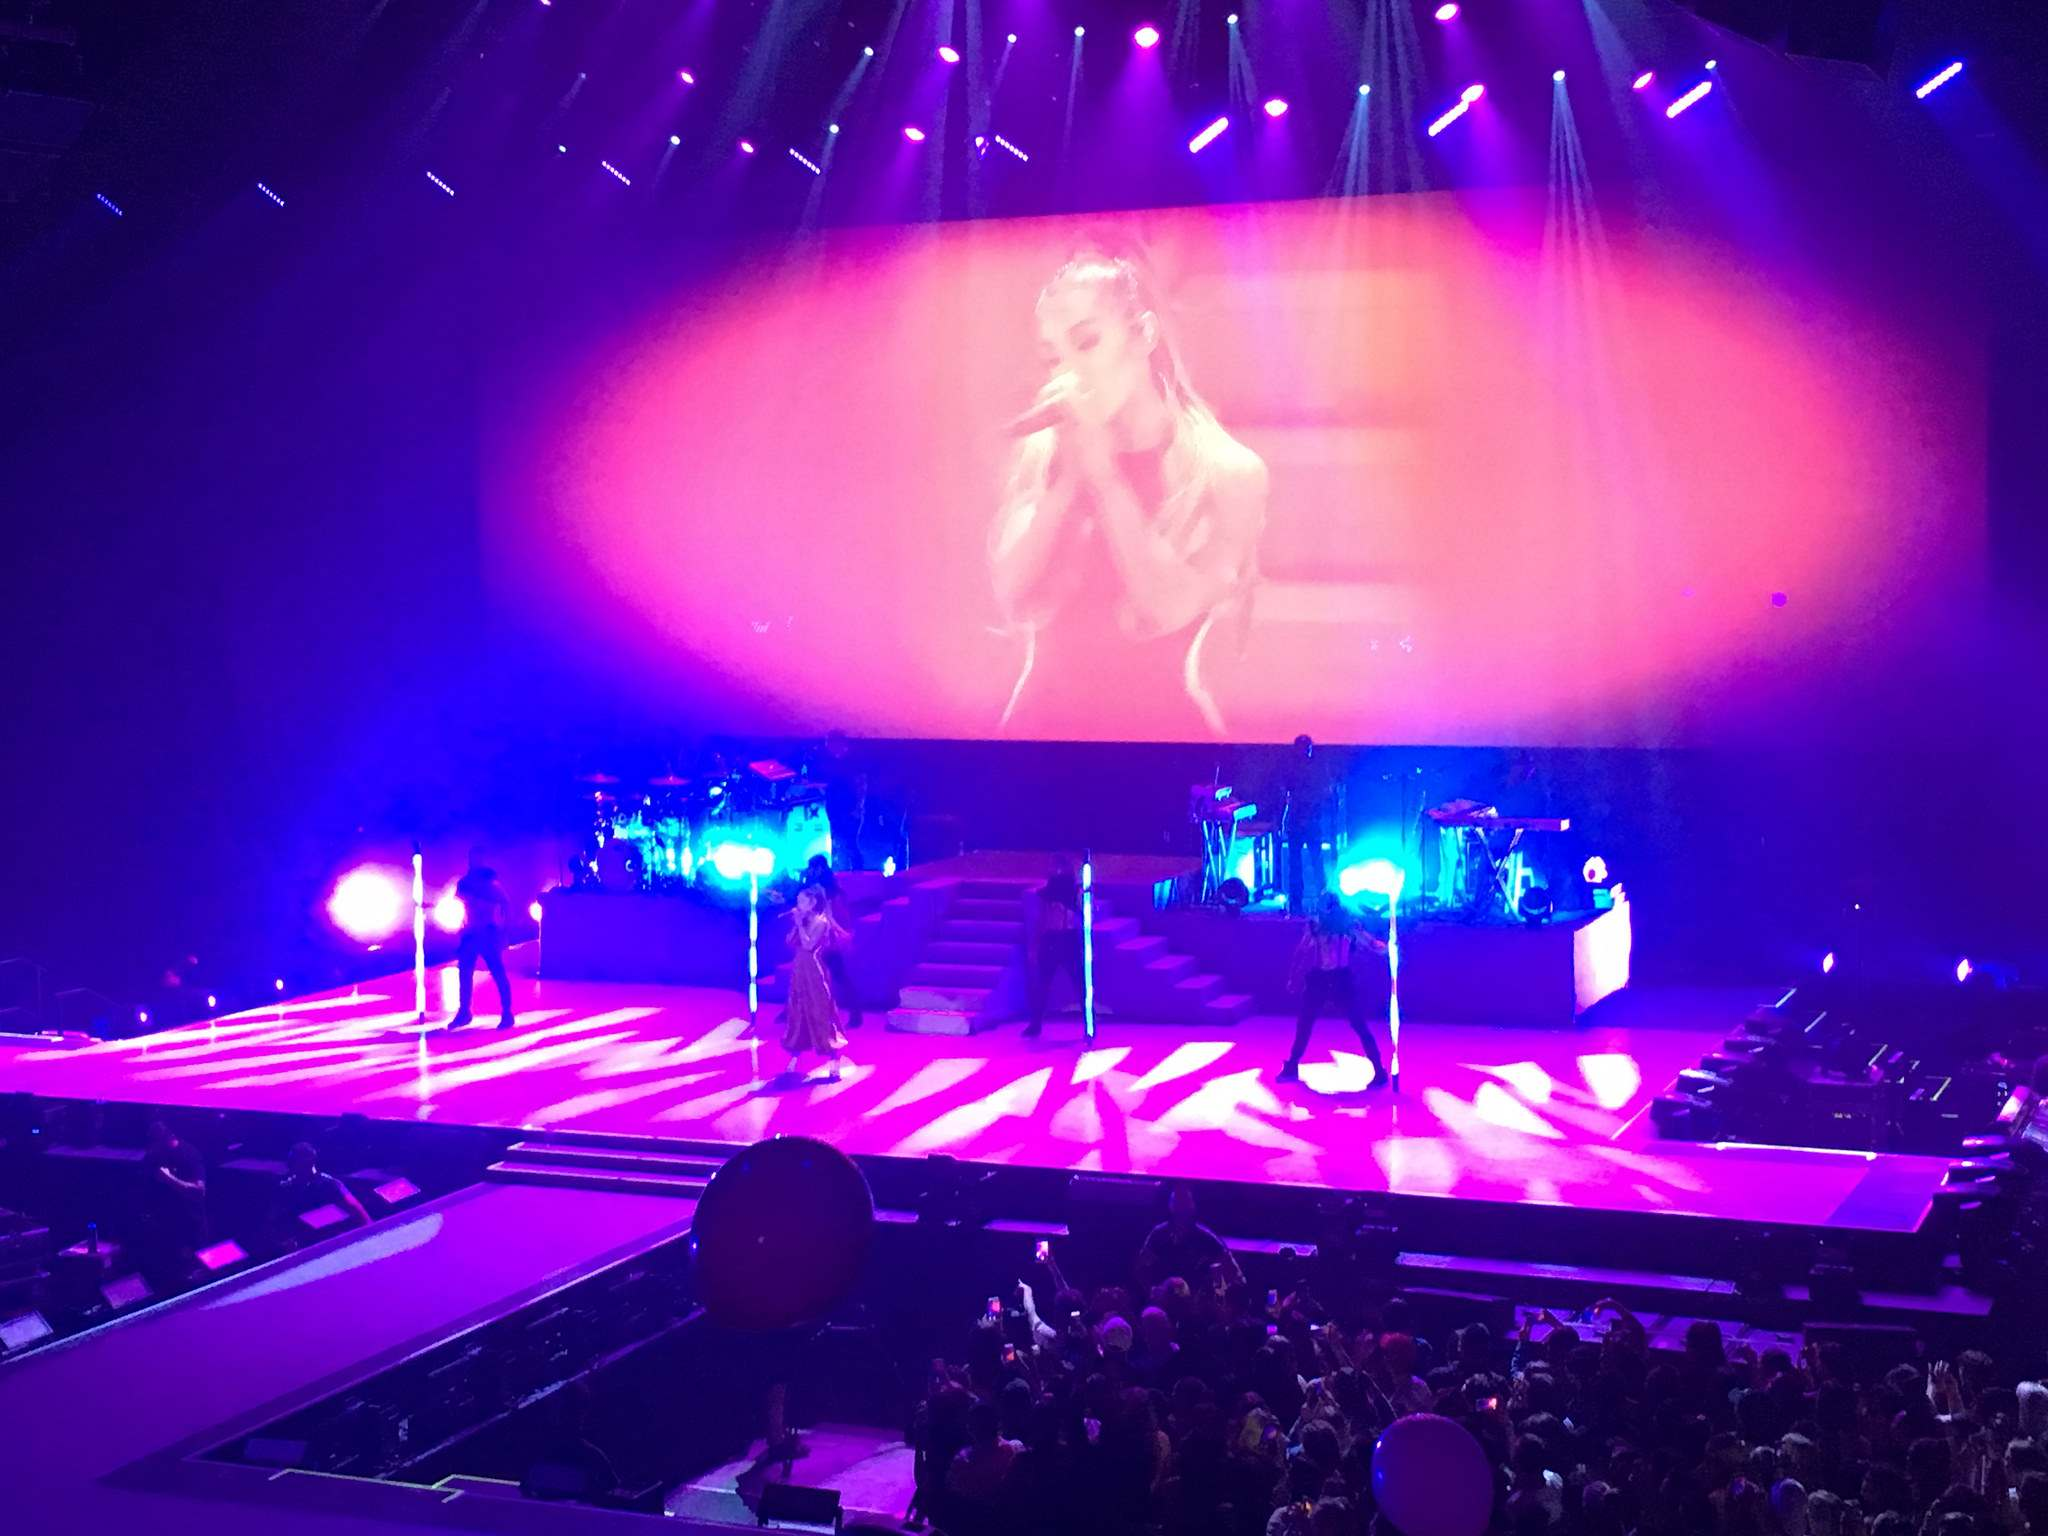 ariana grande8 Ariana Grande   Dangerous Woman Tour in Sydney, Australia